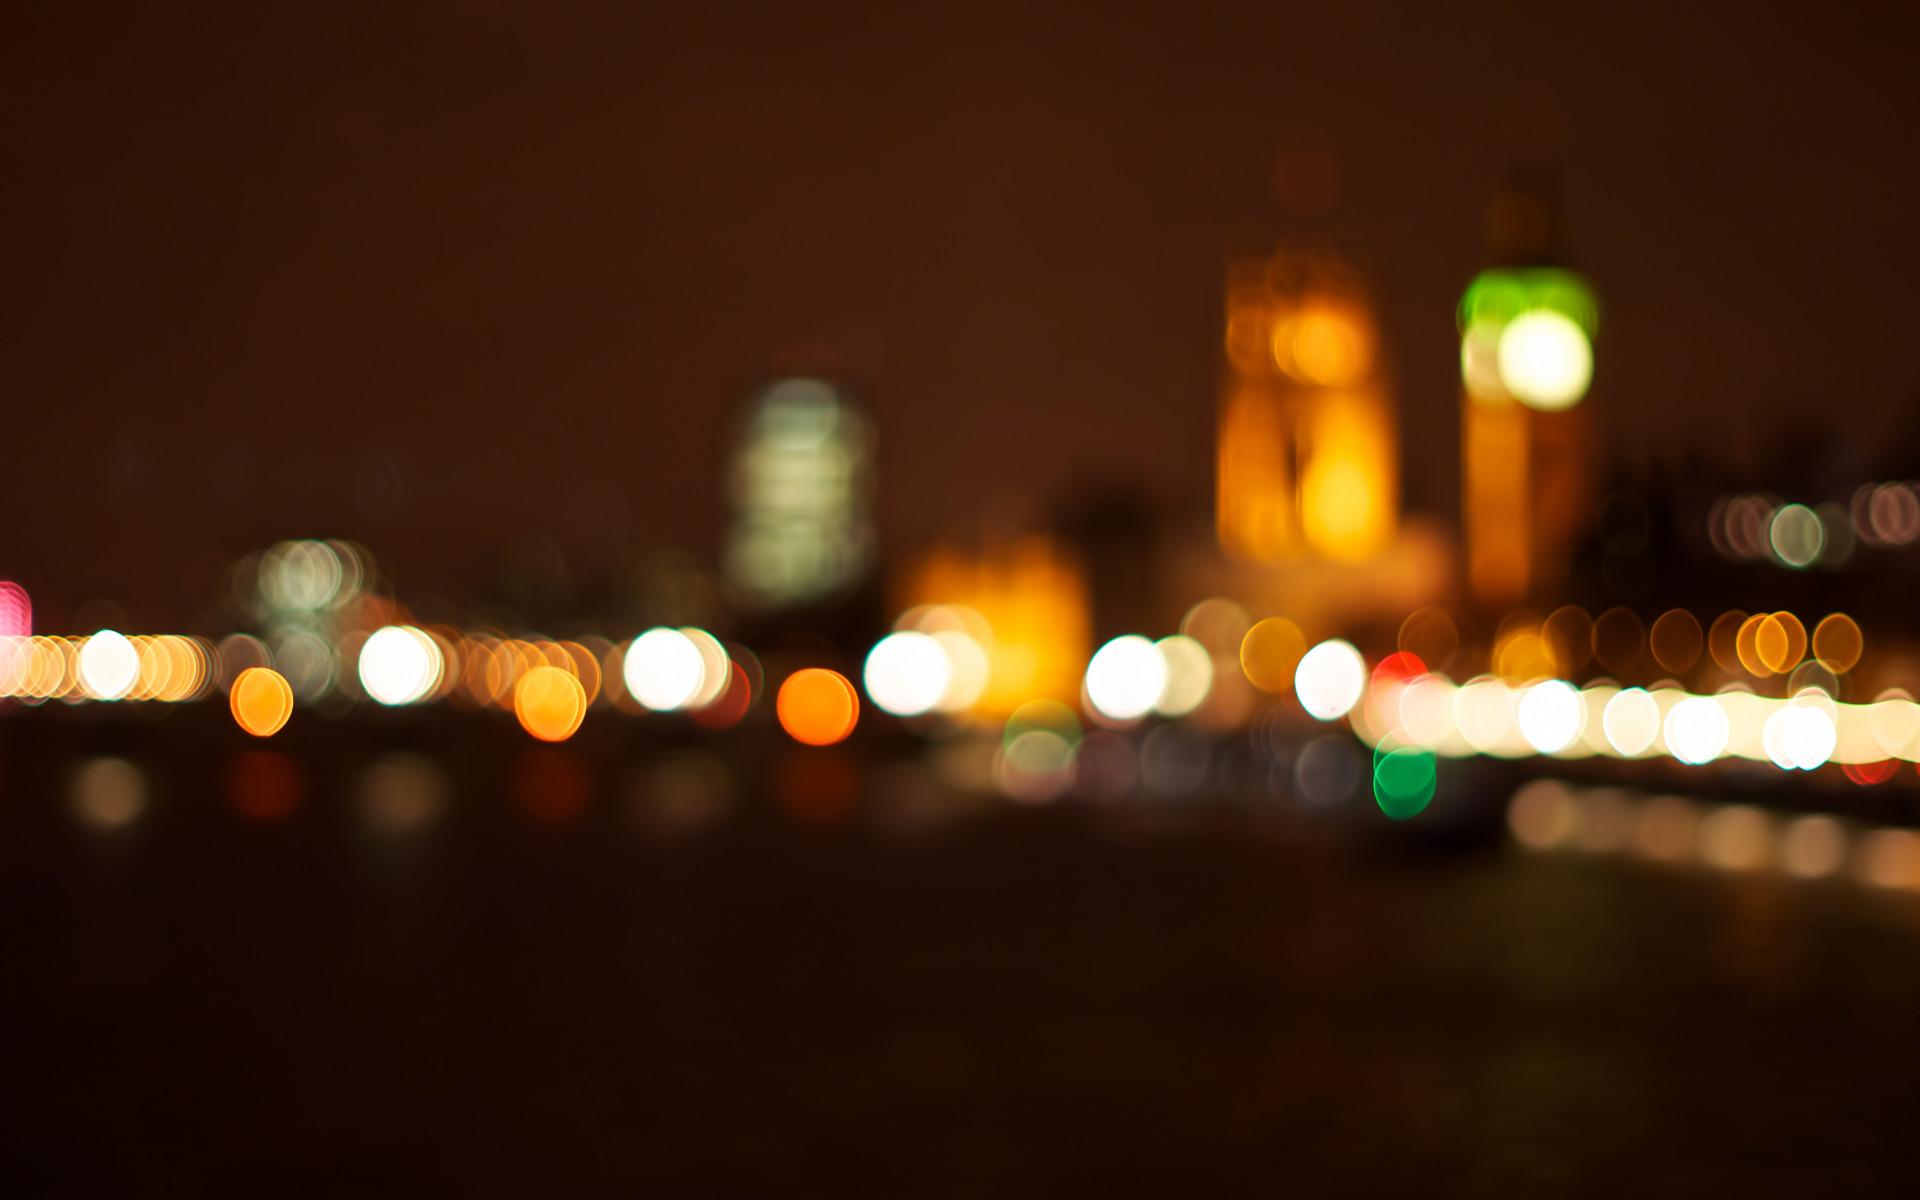 3d Masjid Wallpapers Beautiful City Lights Night Blur Wallpaper Travel